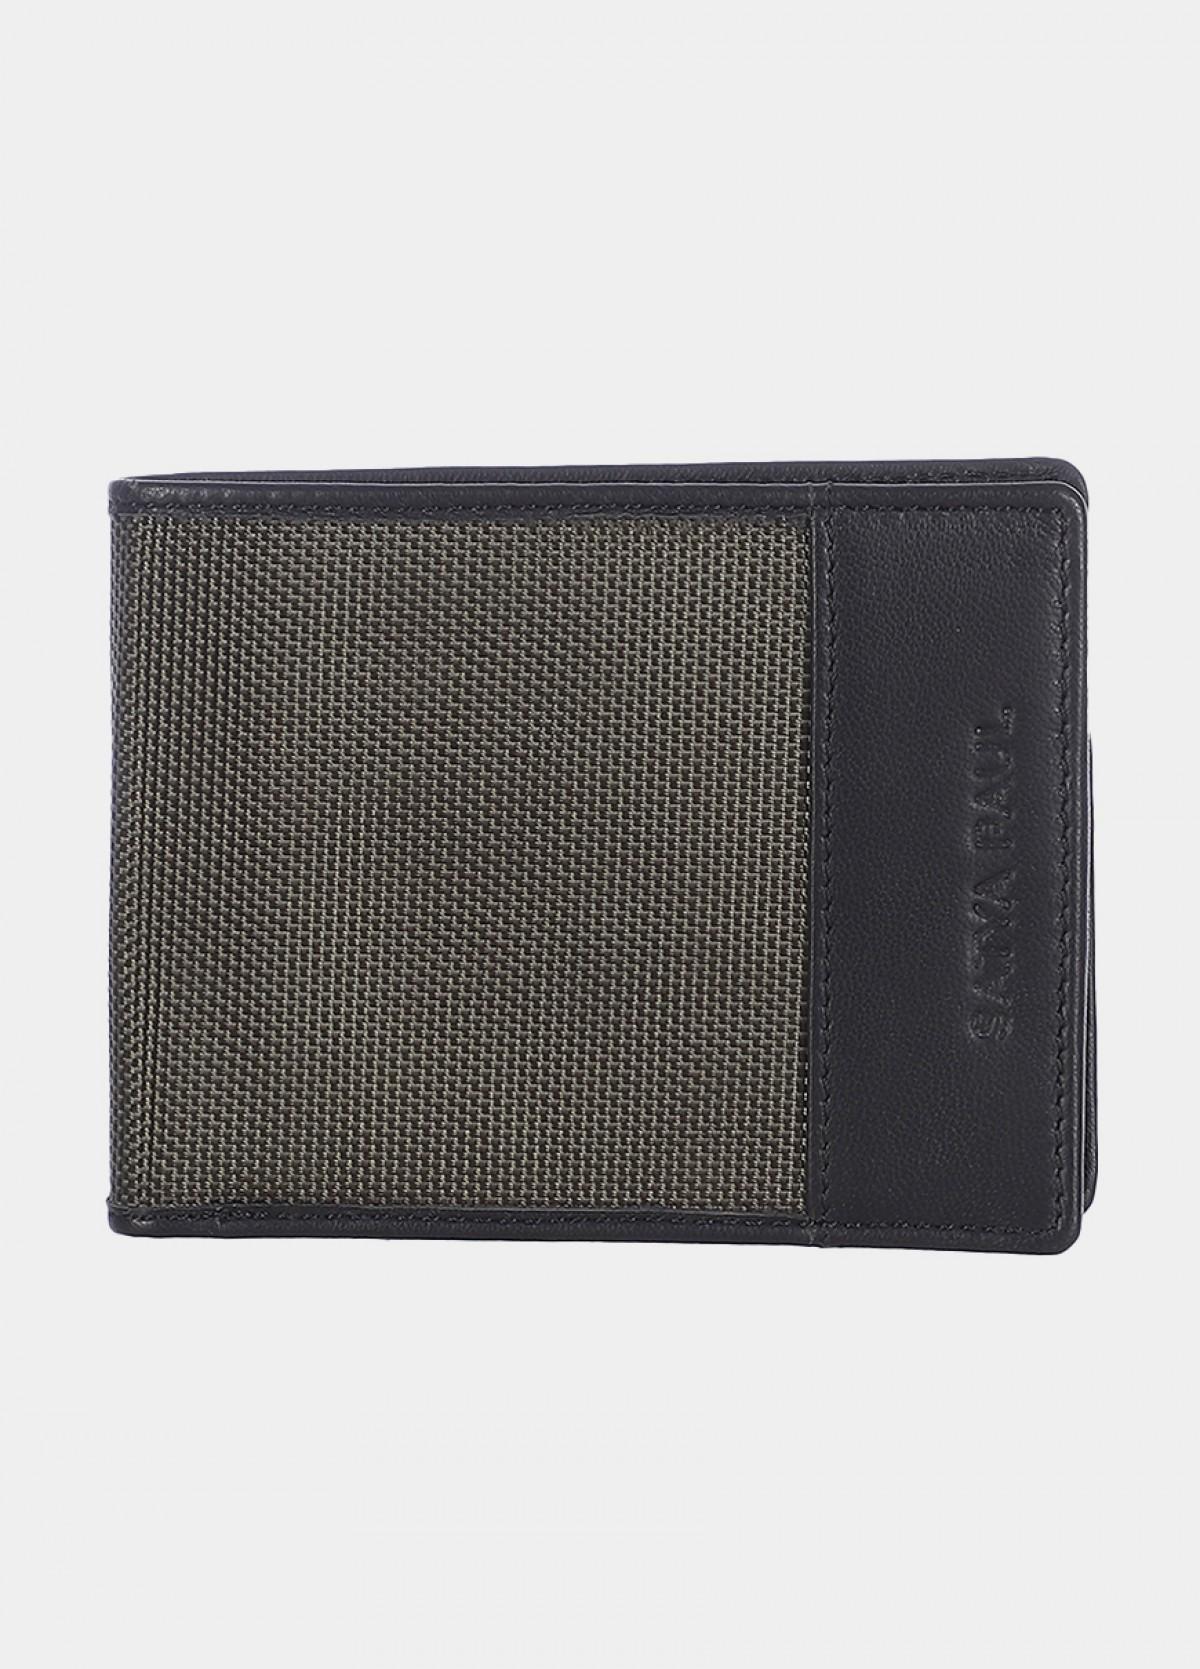 Him & The City Men'S Bi Fold Wallet Olive